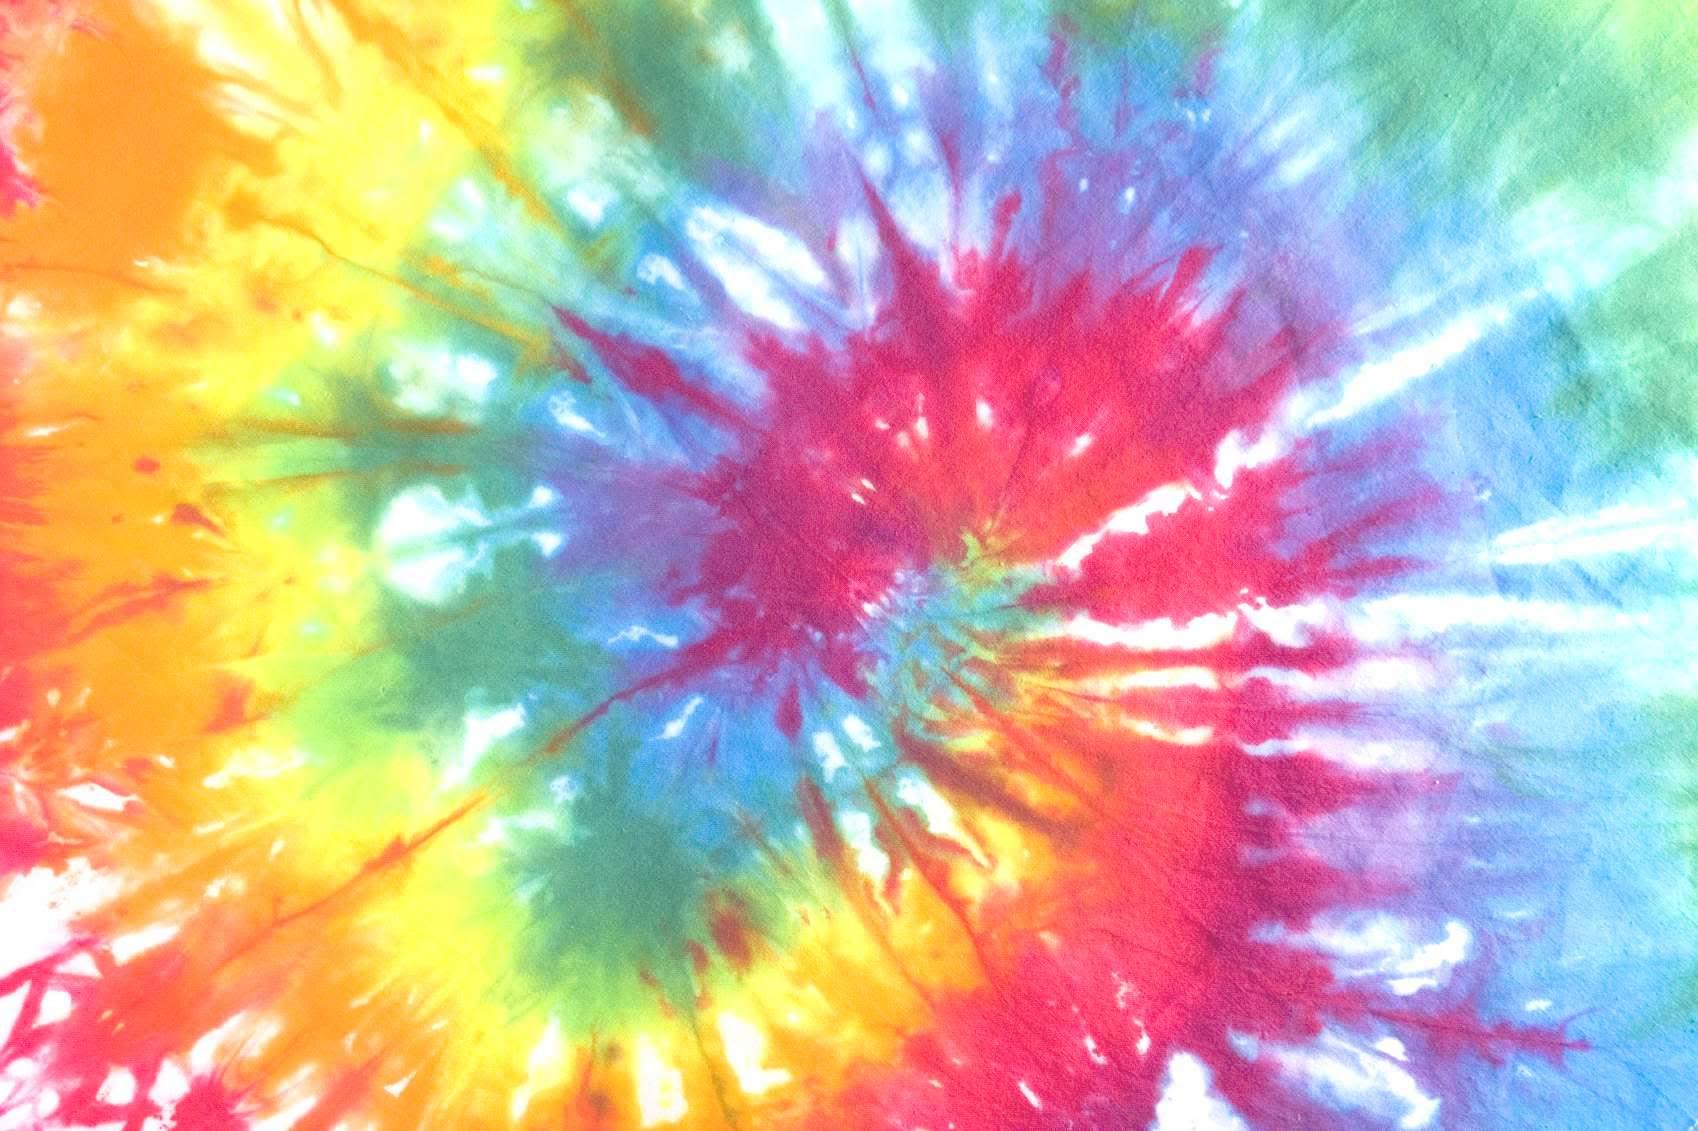 Rainbow Tie-Dye spiral.